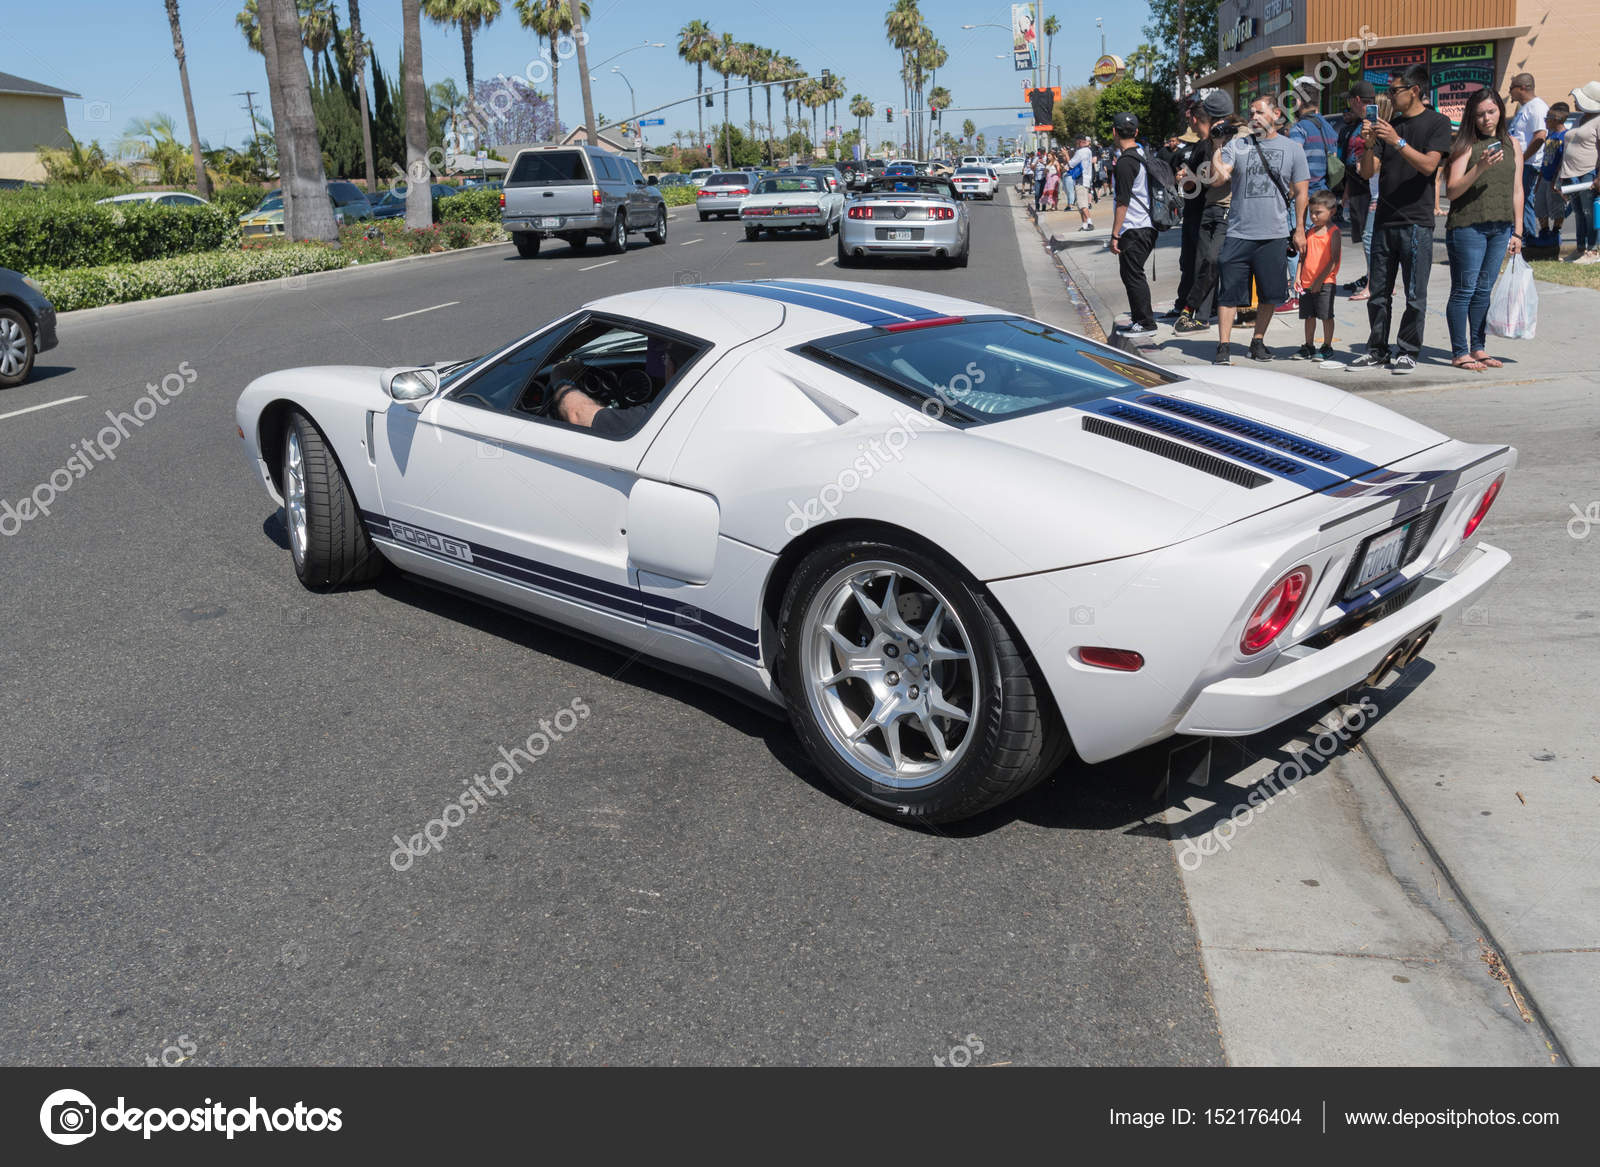 ディスプレイ上のフォード gt ストック編集用写真 bettorodrigues